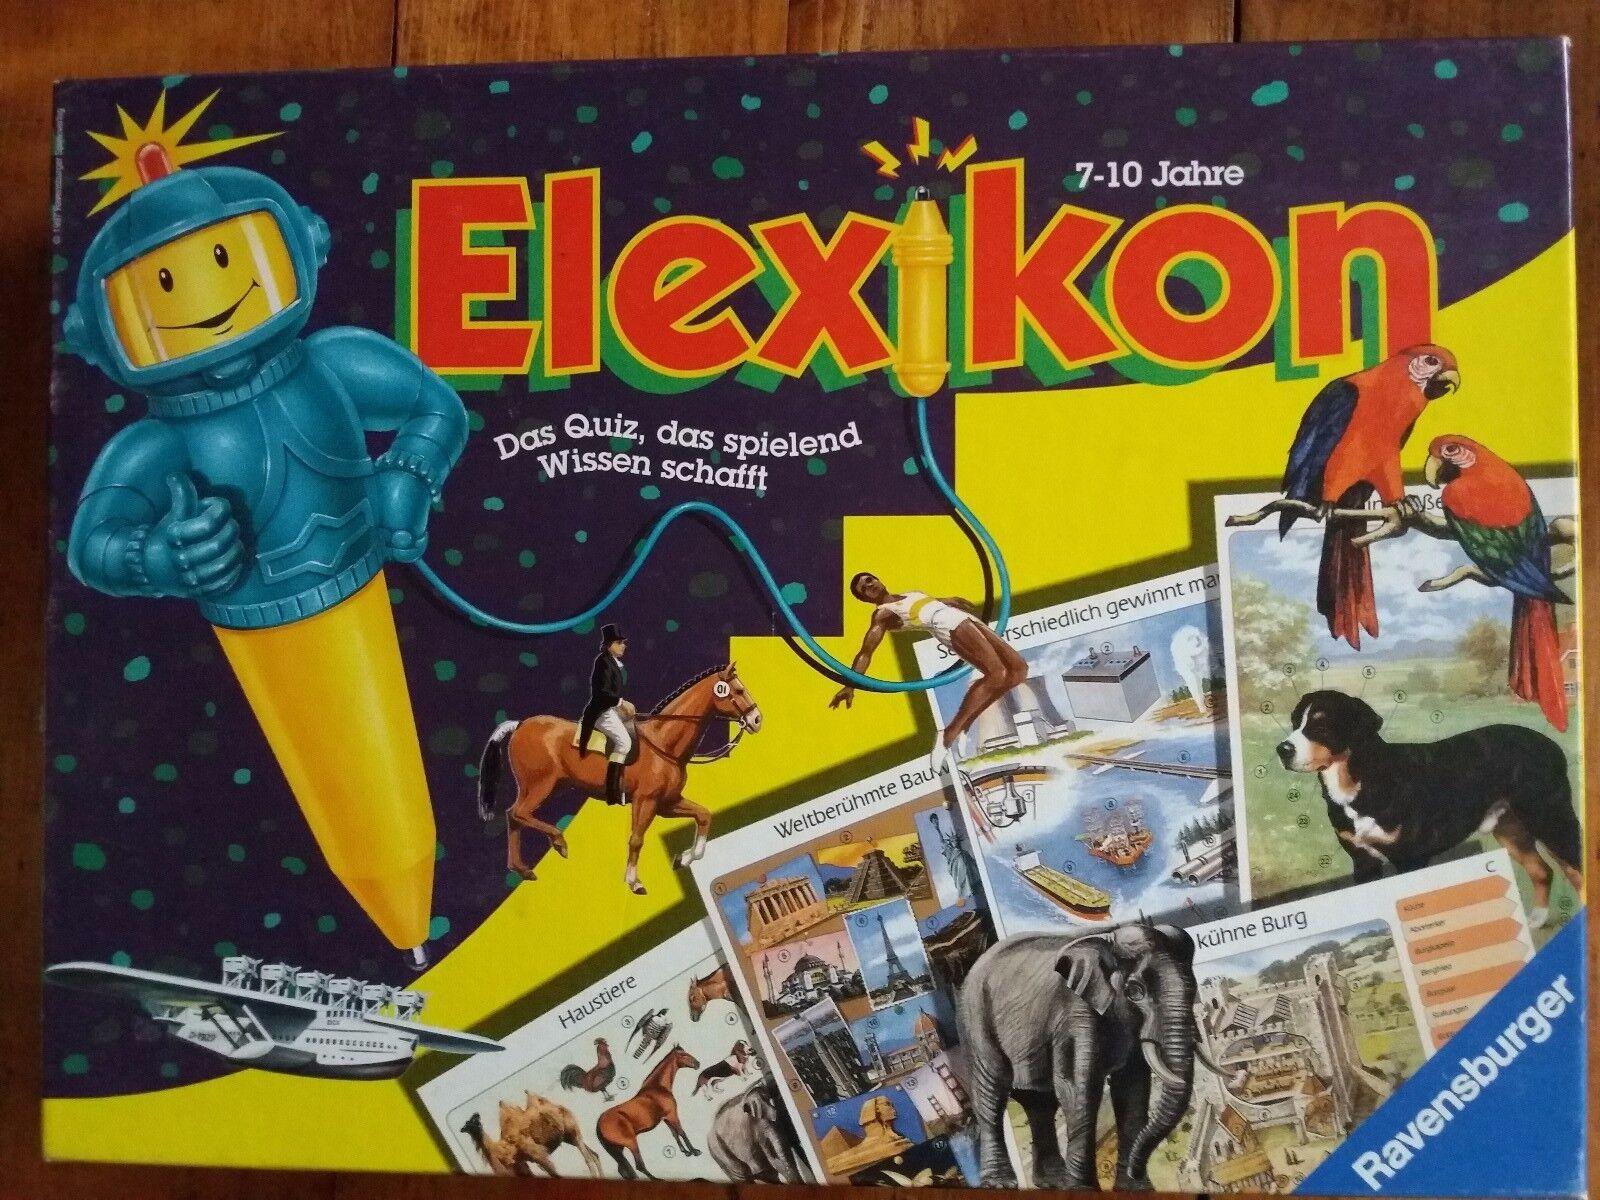 Elexikon - Quiz das spielend Wissen schafft (Ravensburger) Lernspiel 7-10 Jahre